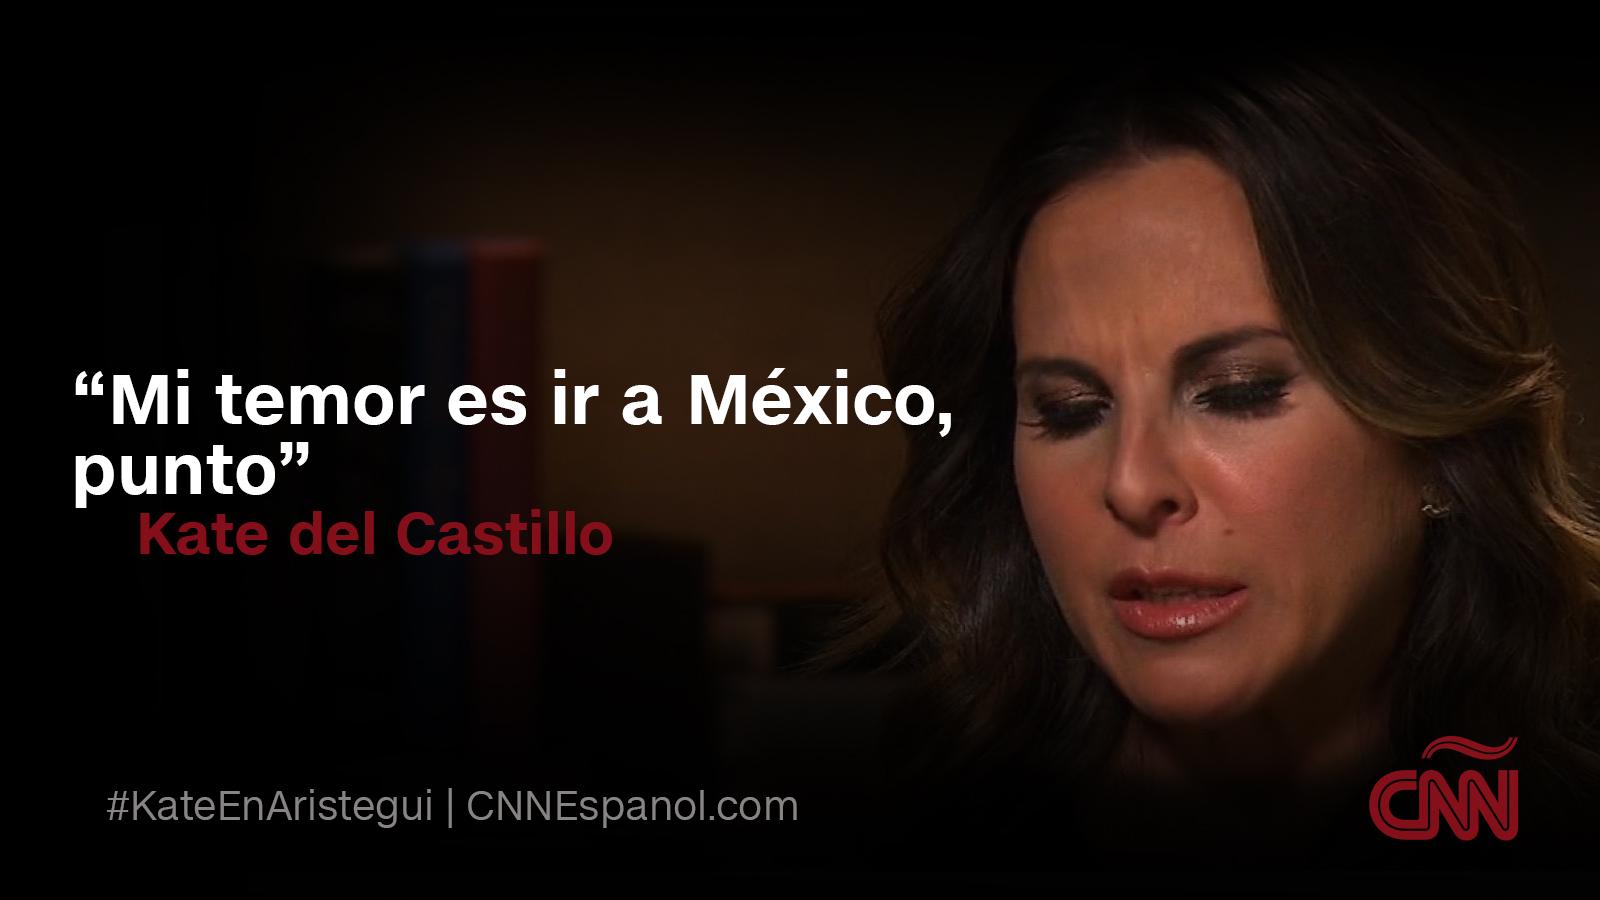 kate temor mexico